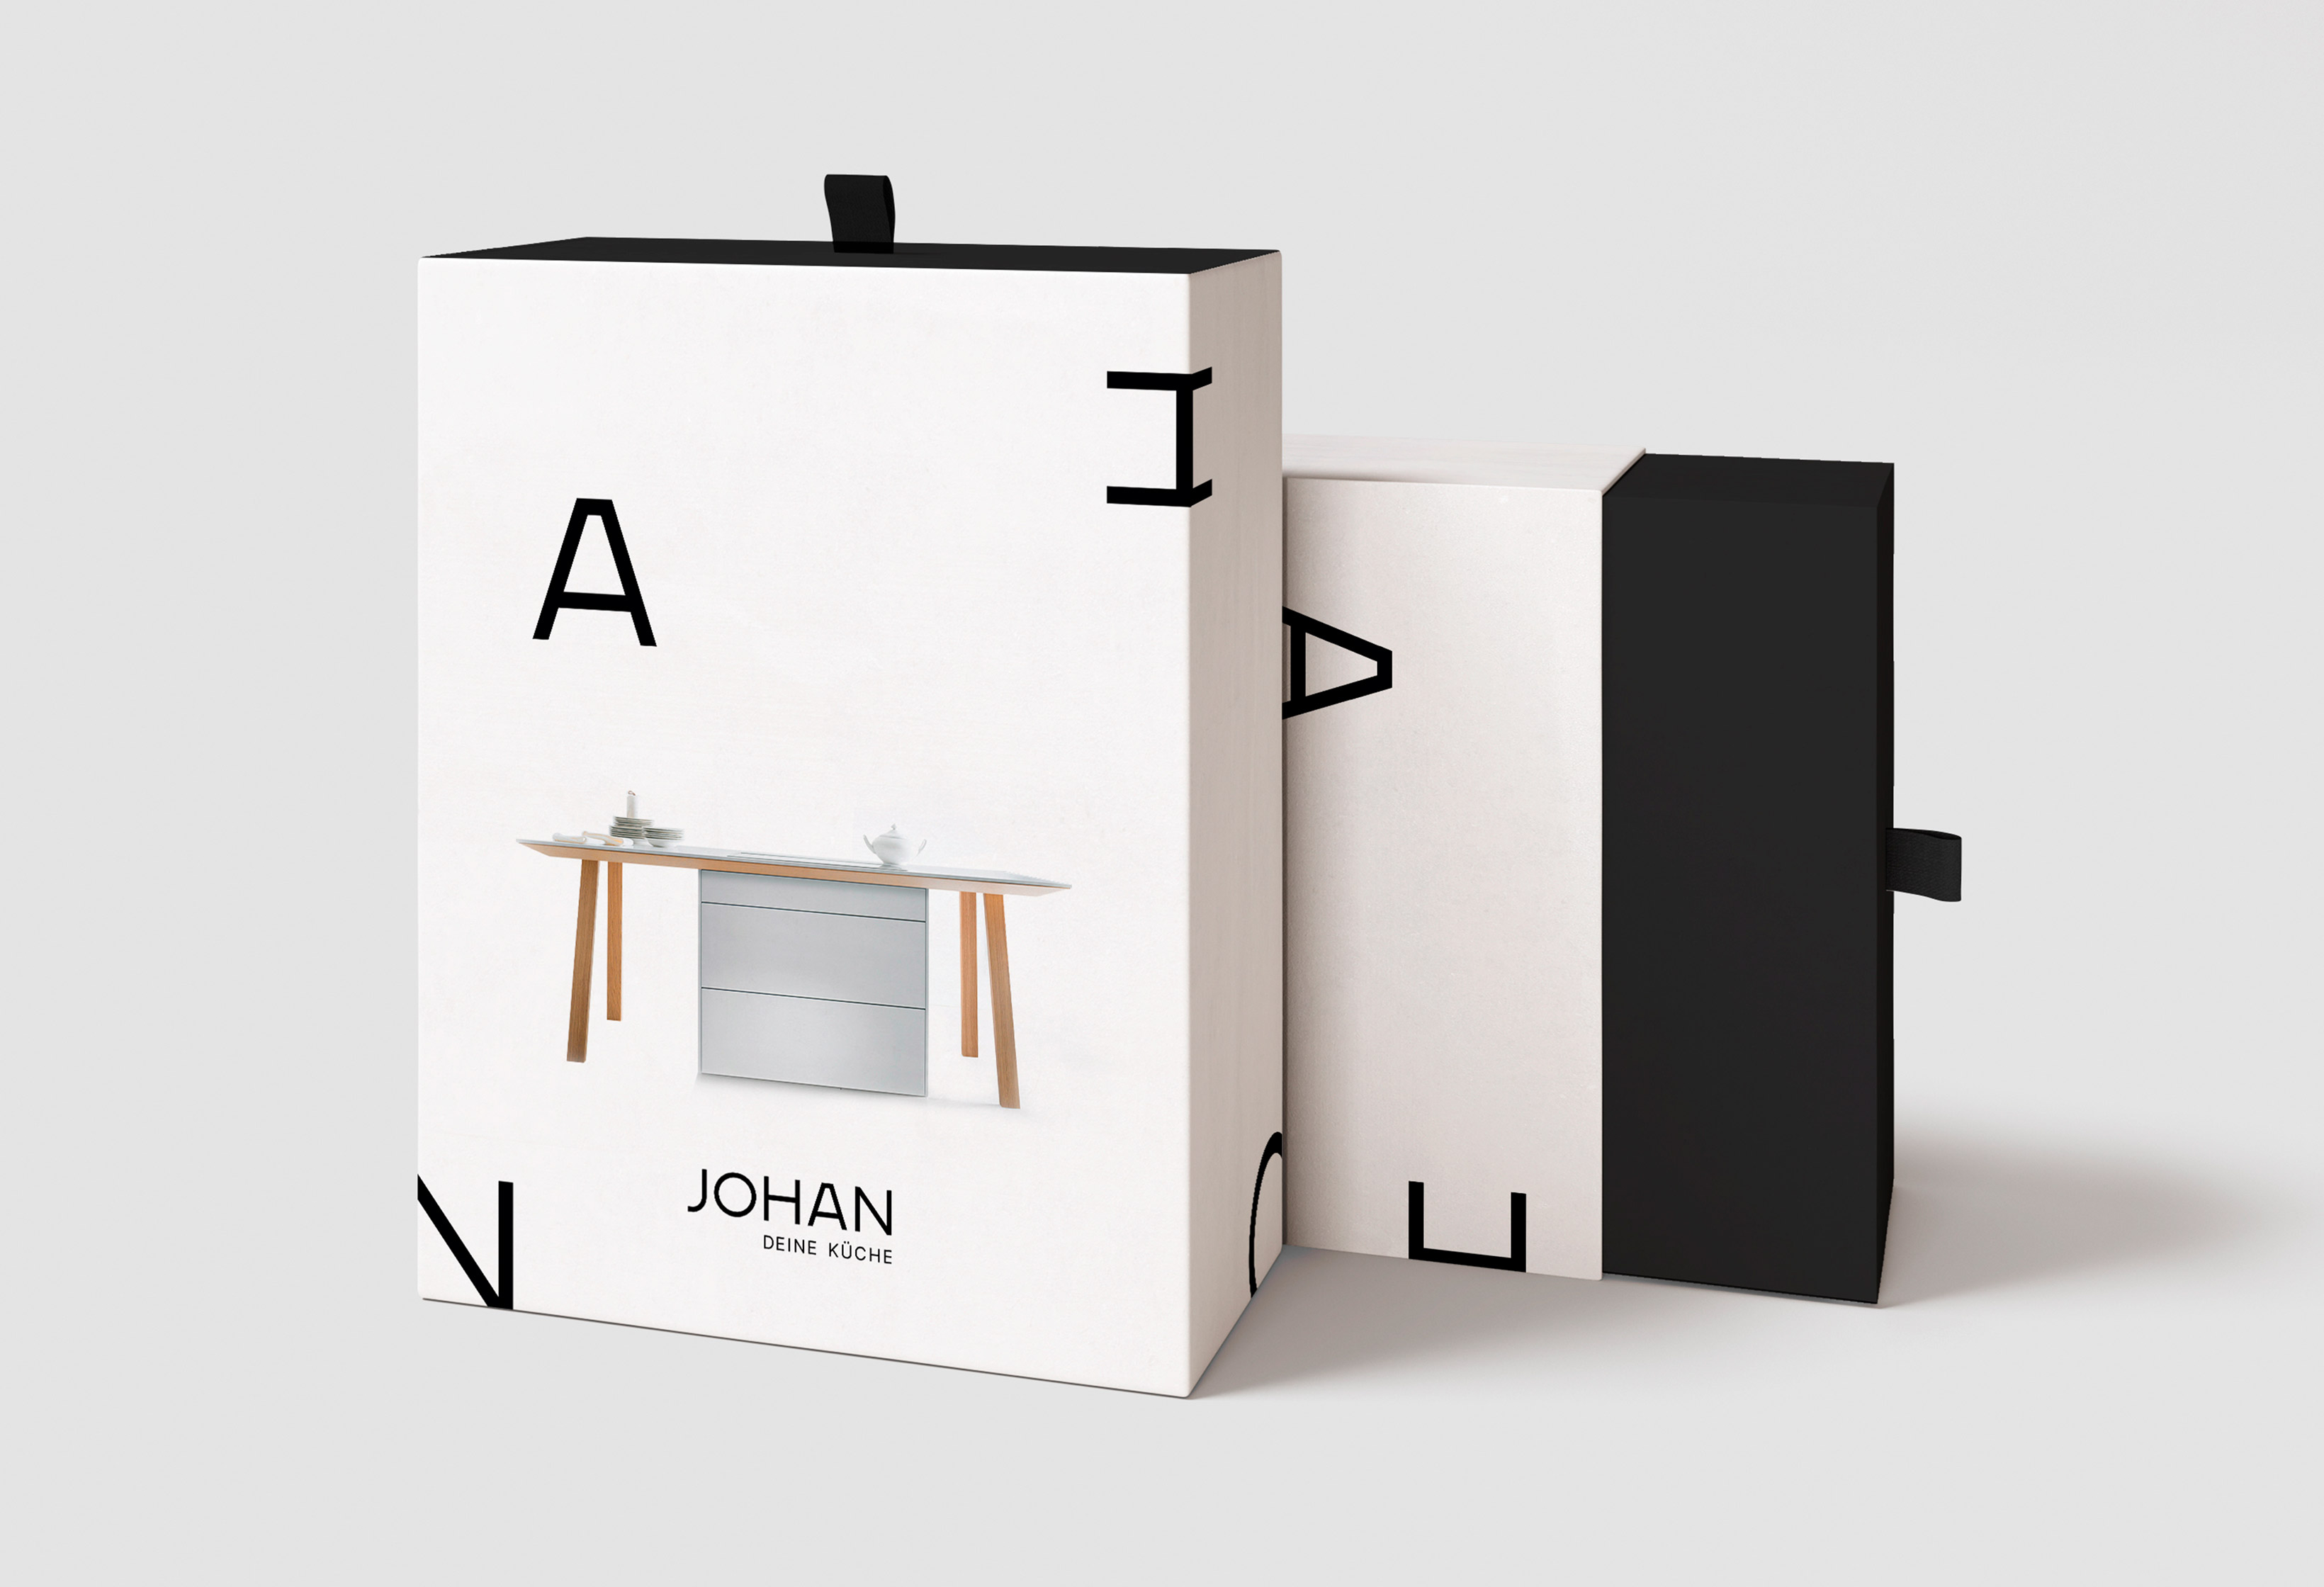 q2-werbeagentur_johan-kuechen_box